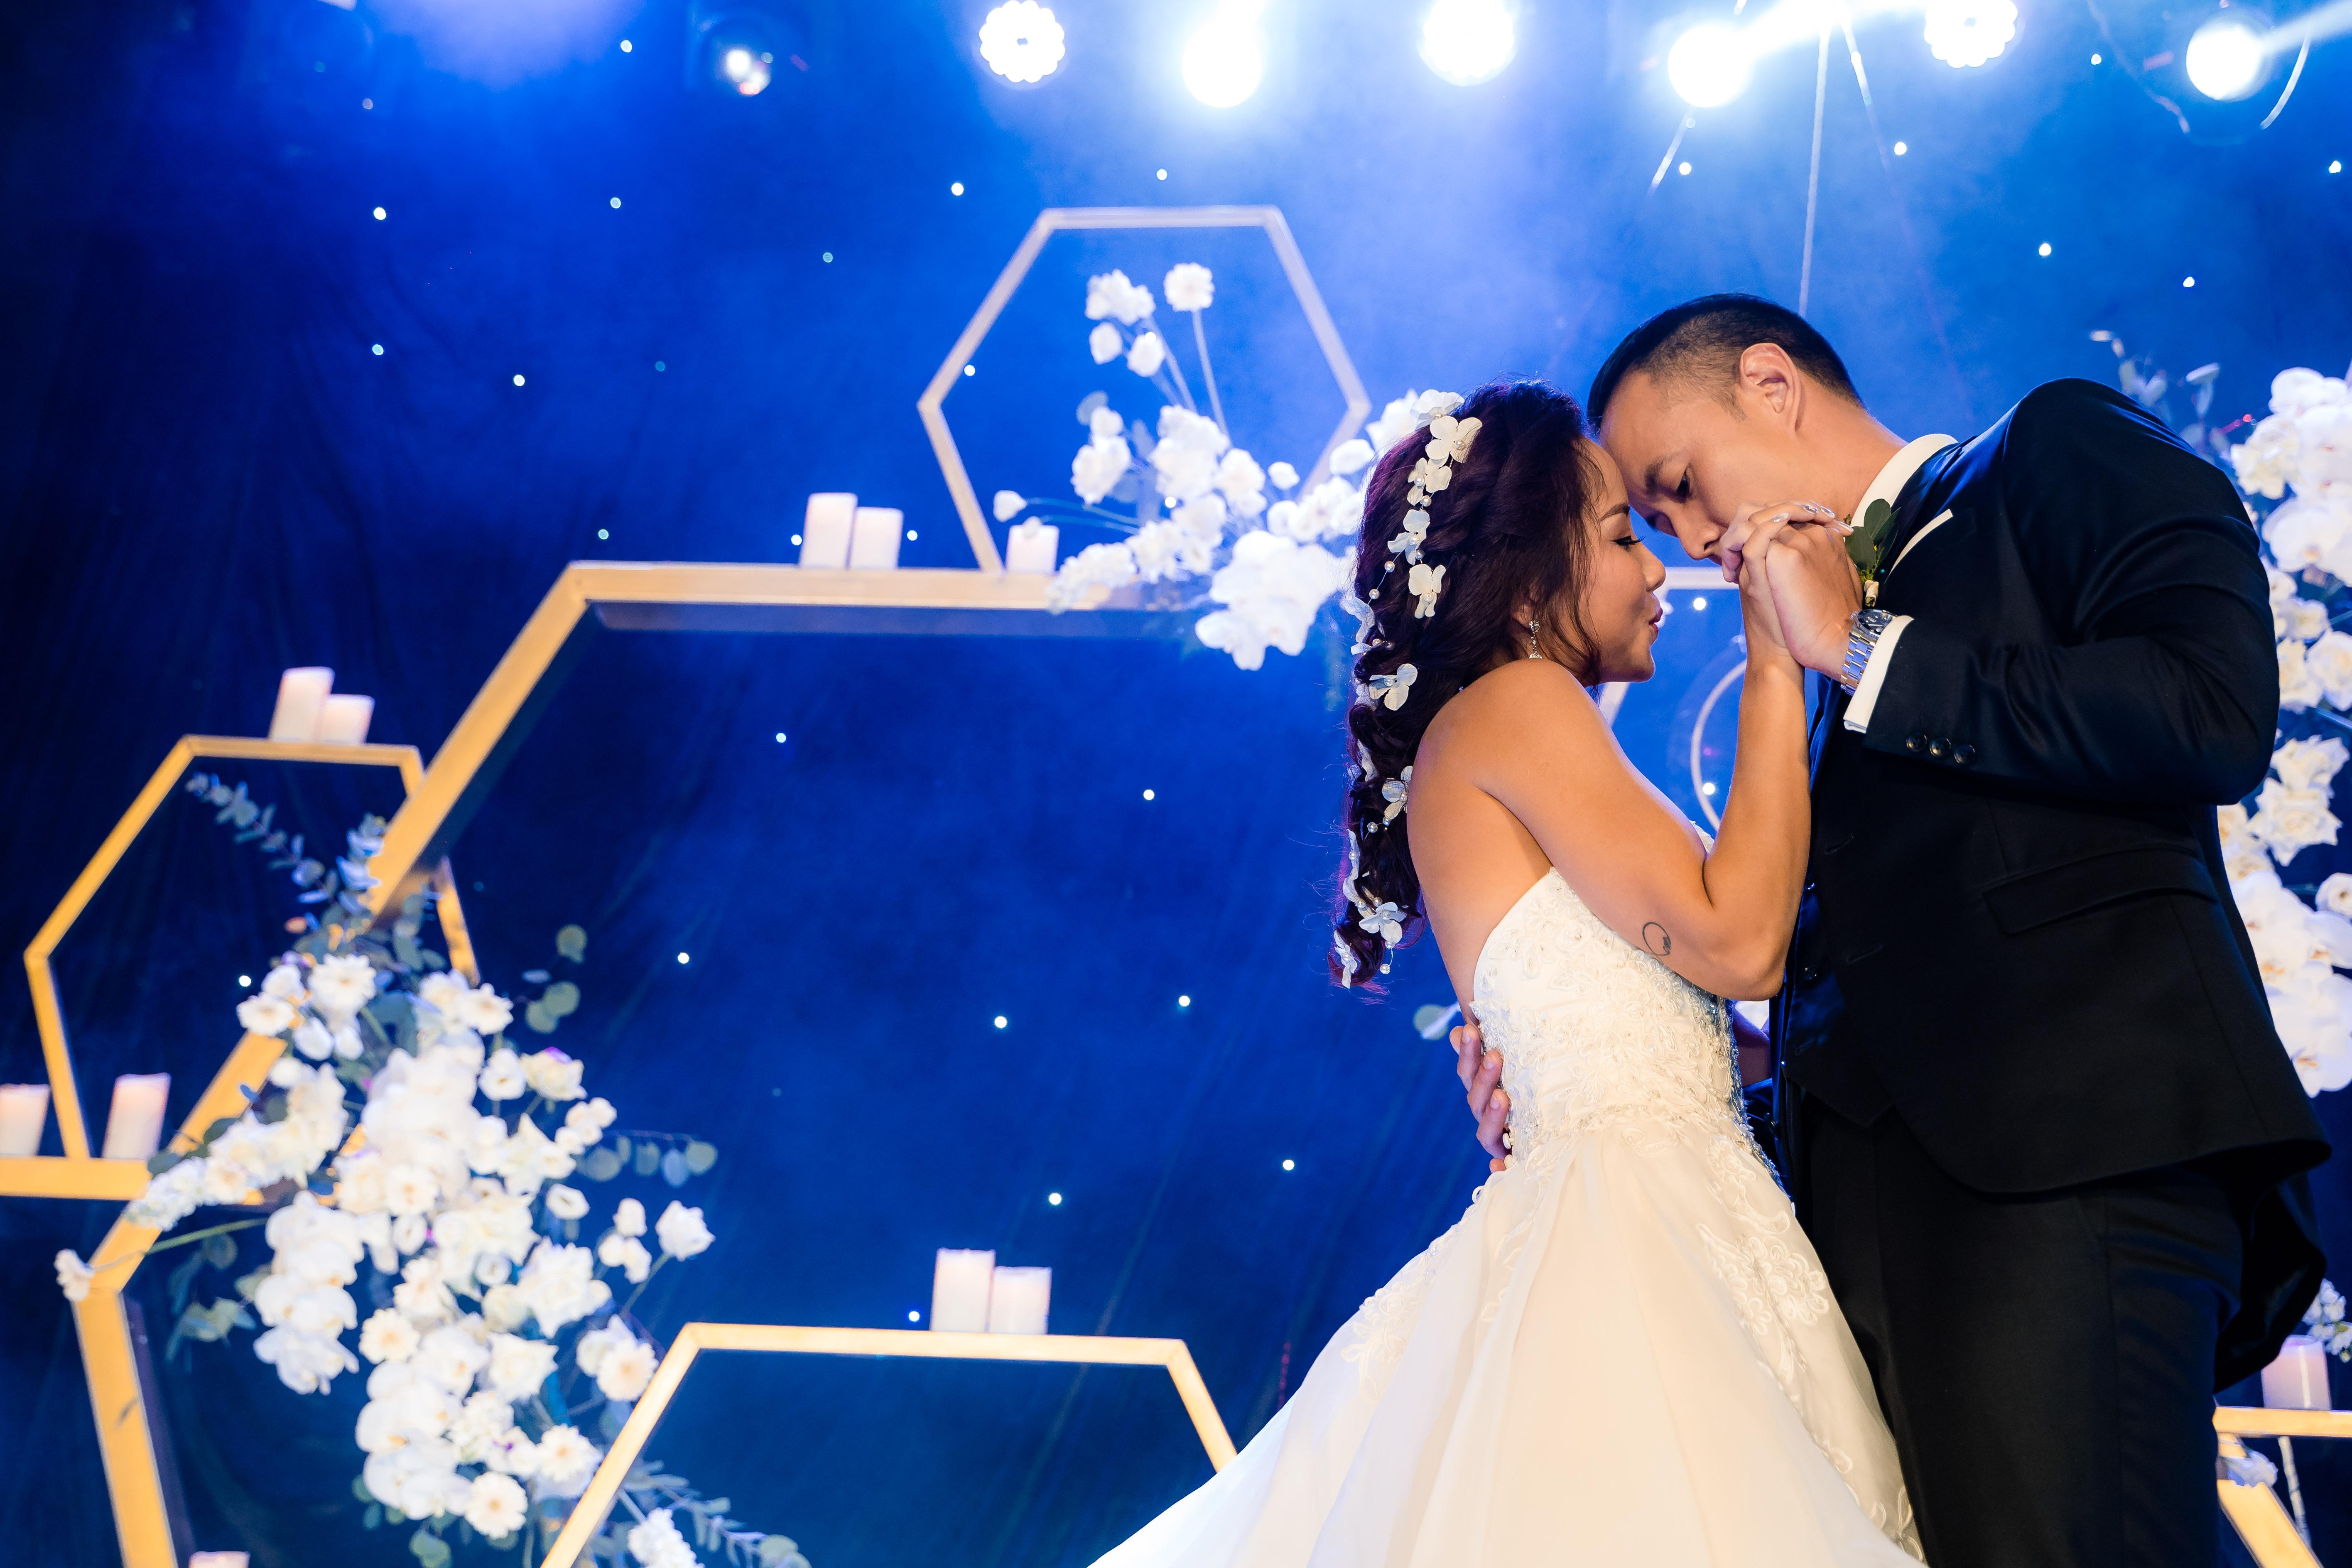 My Lan Nguyễn - Cô gái có cuộc tình như mơ từ FB và sự thuyết phục đầy nỗ lực với phụ huynh để được mặc váy cưới màu tím, hoá thành Unicorns trong hôn lễ của chính mình - Ảnh 24.